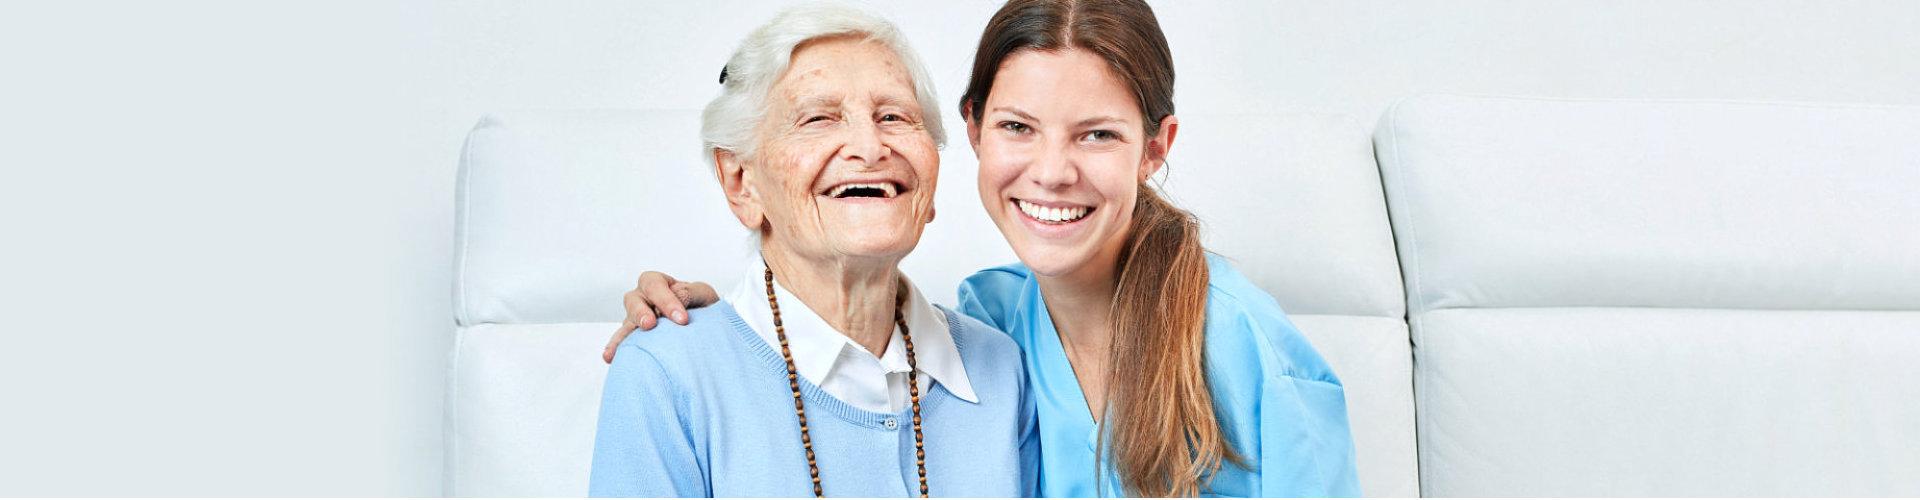 two beautiful ladies smiling